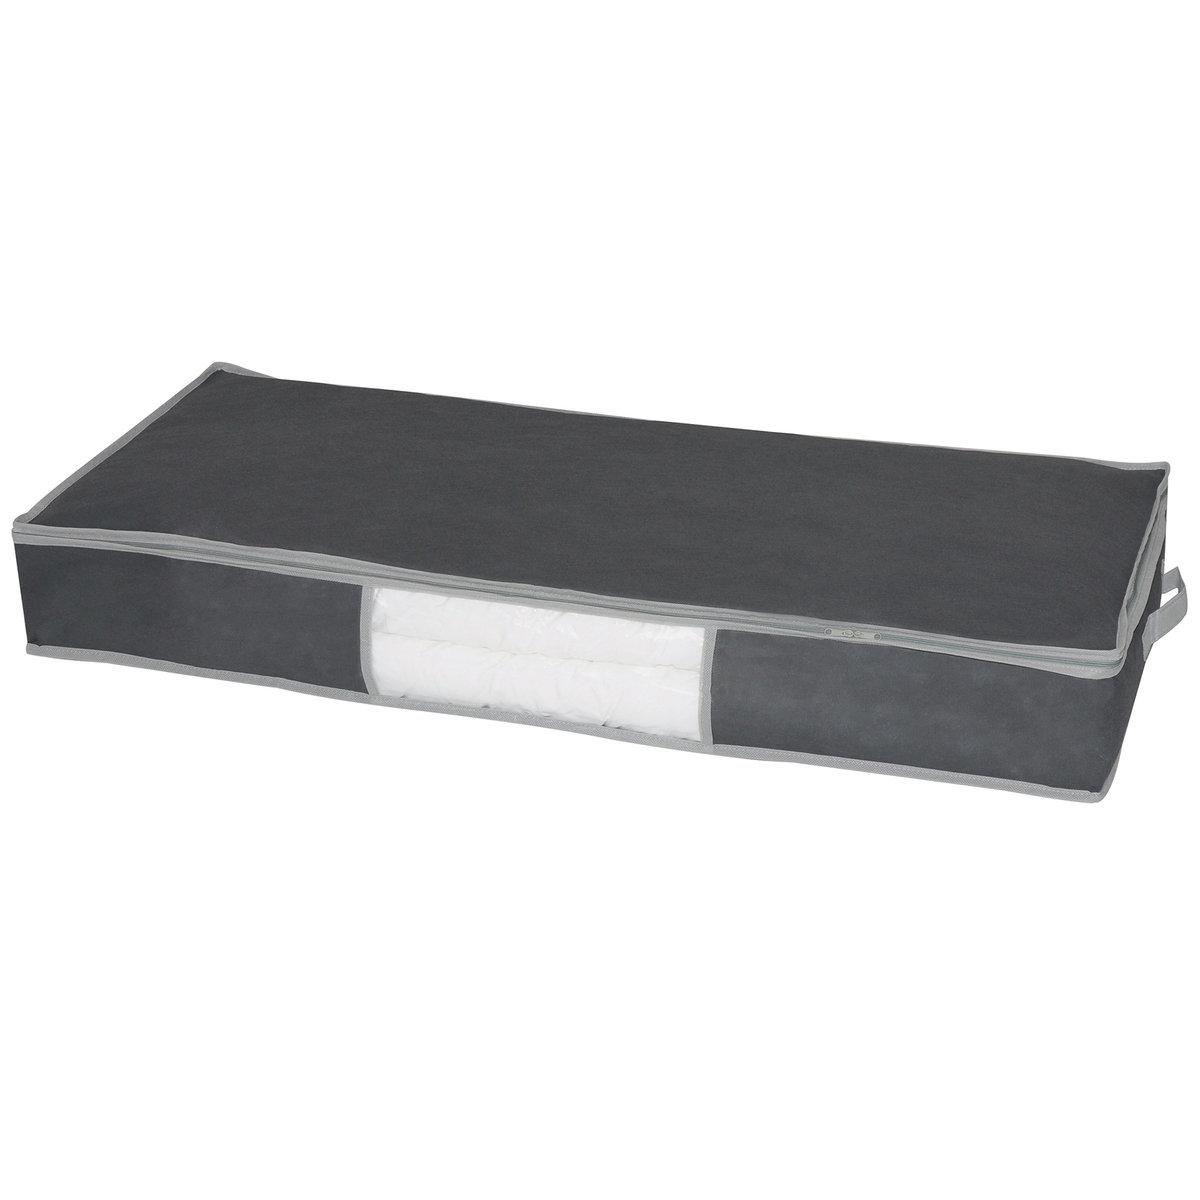 Contenitore di protezione tessuto non tessuto, per piumoni, speciale sotto il letto, color. grigio scuro